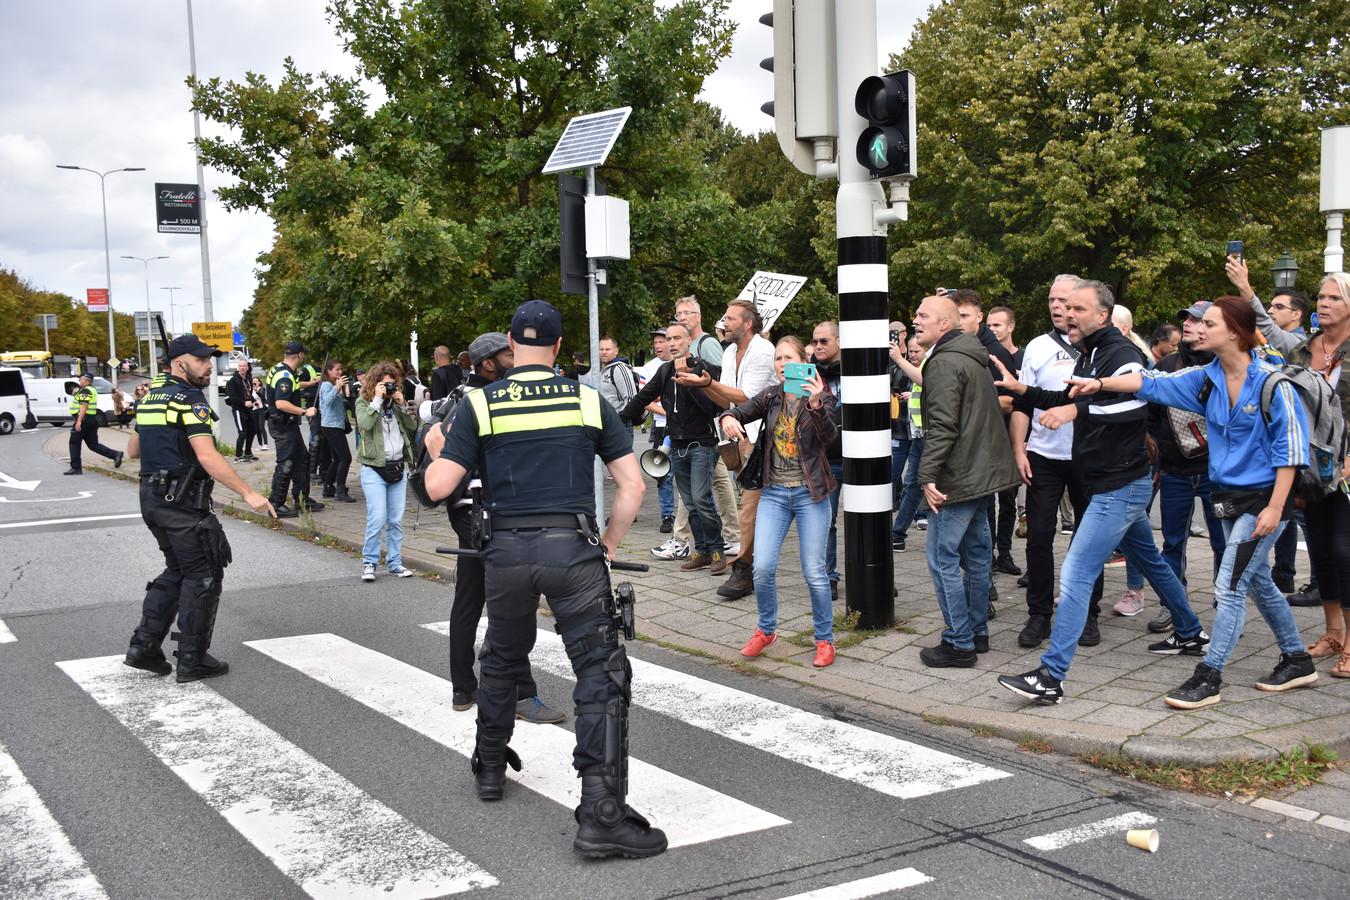 De demonstranten negeerden de aanwijzingen van de politie